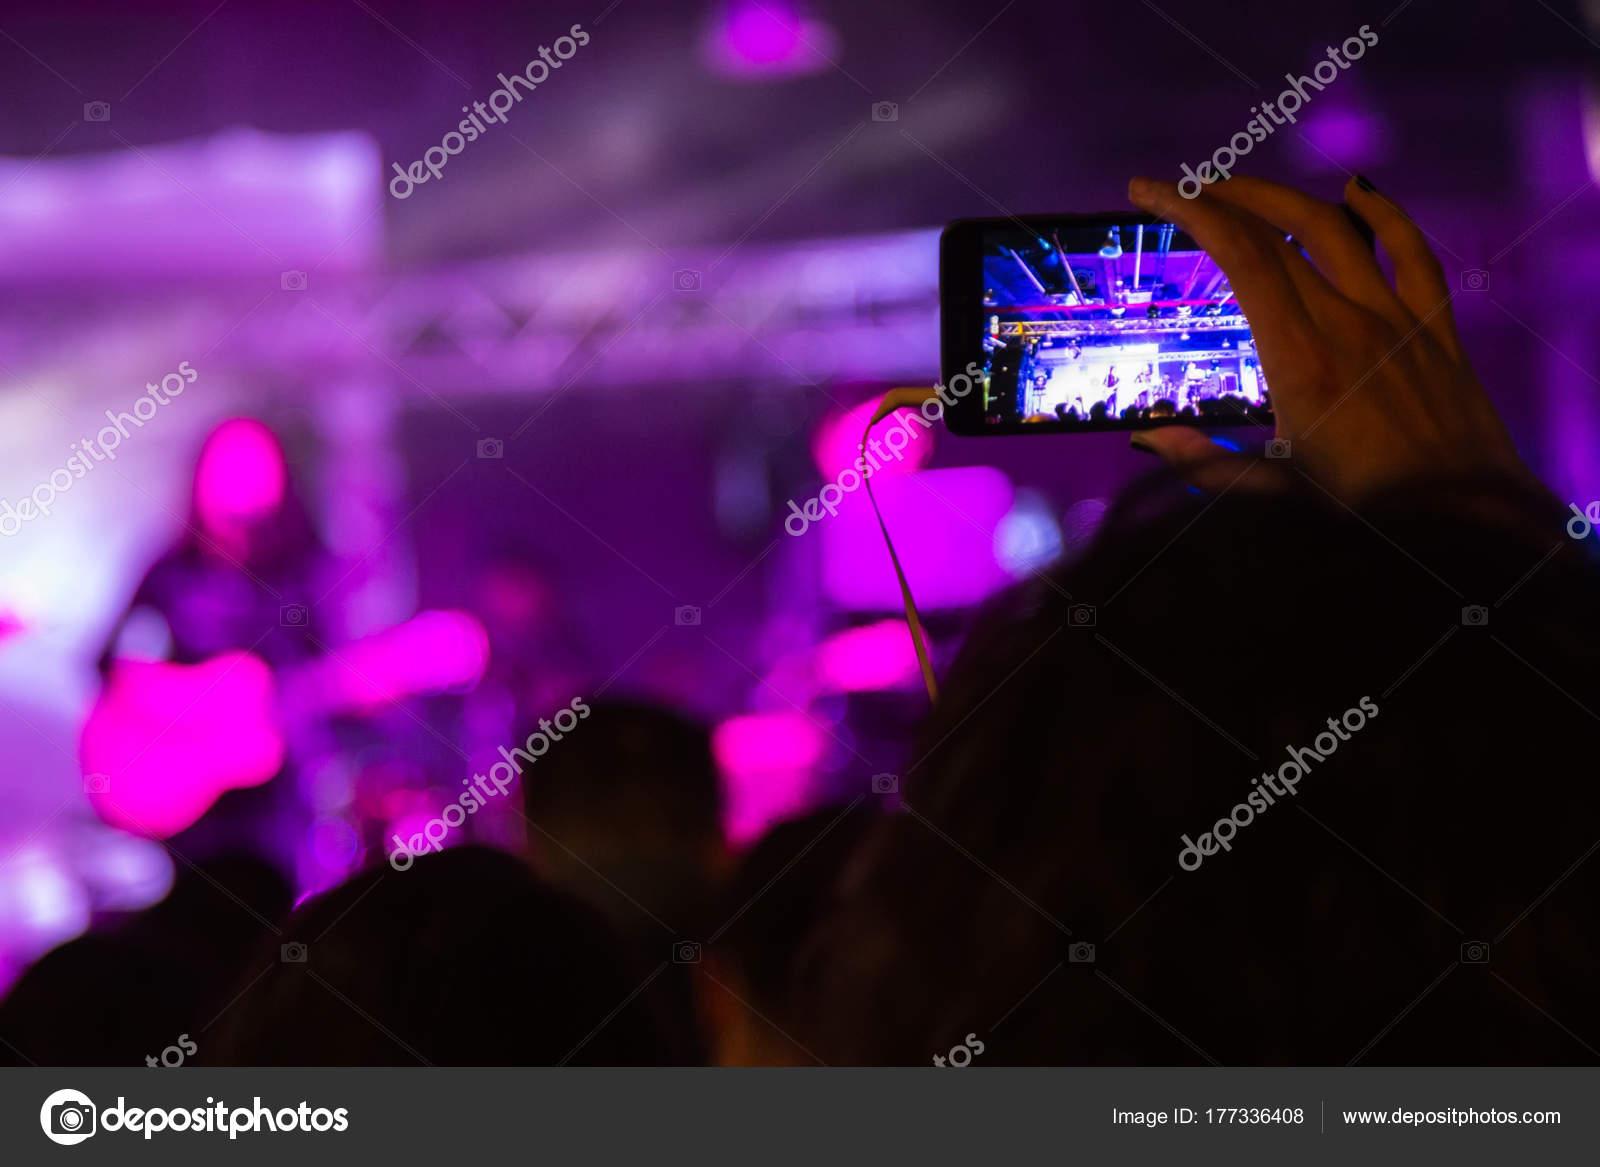 советы фотографу при съемке на концерте наверх узкой